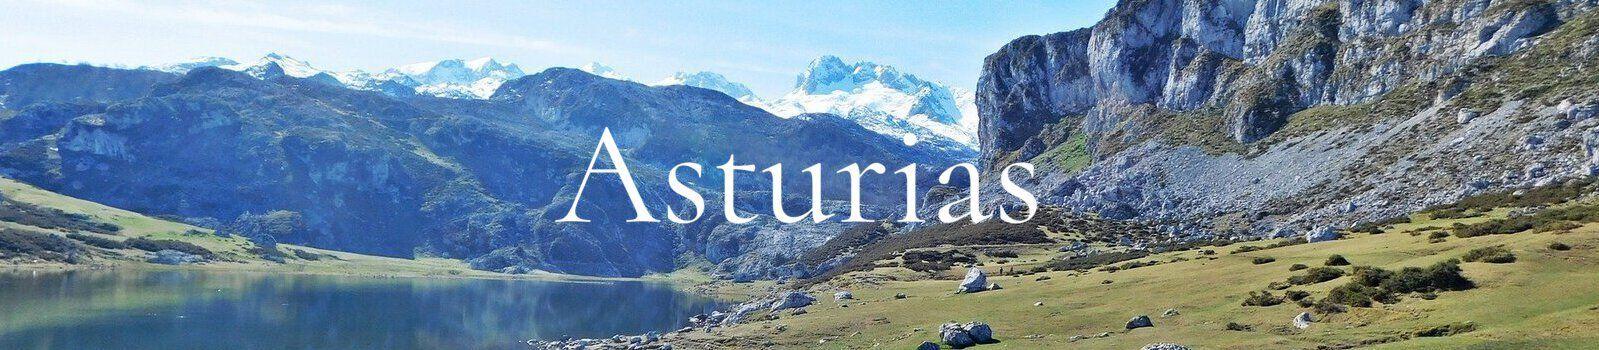 Asturias Banner